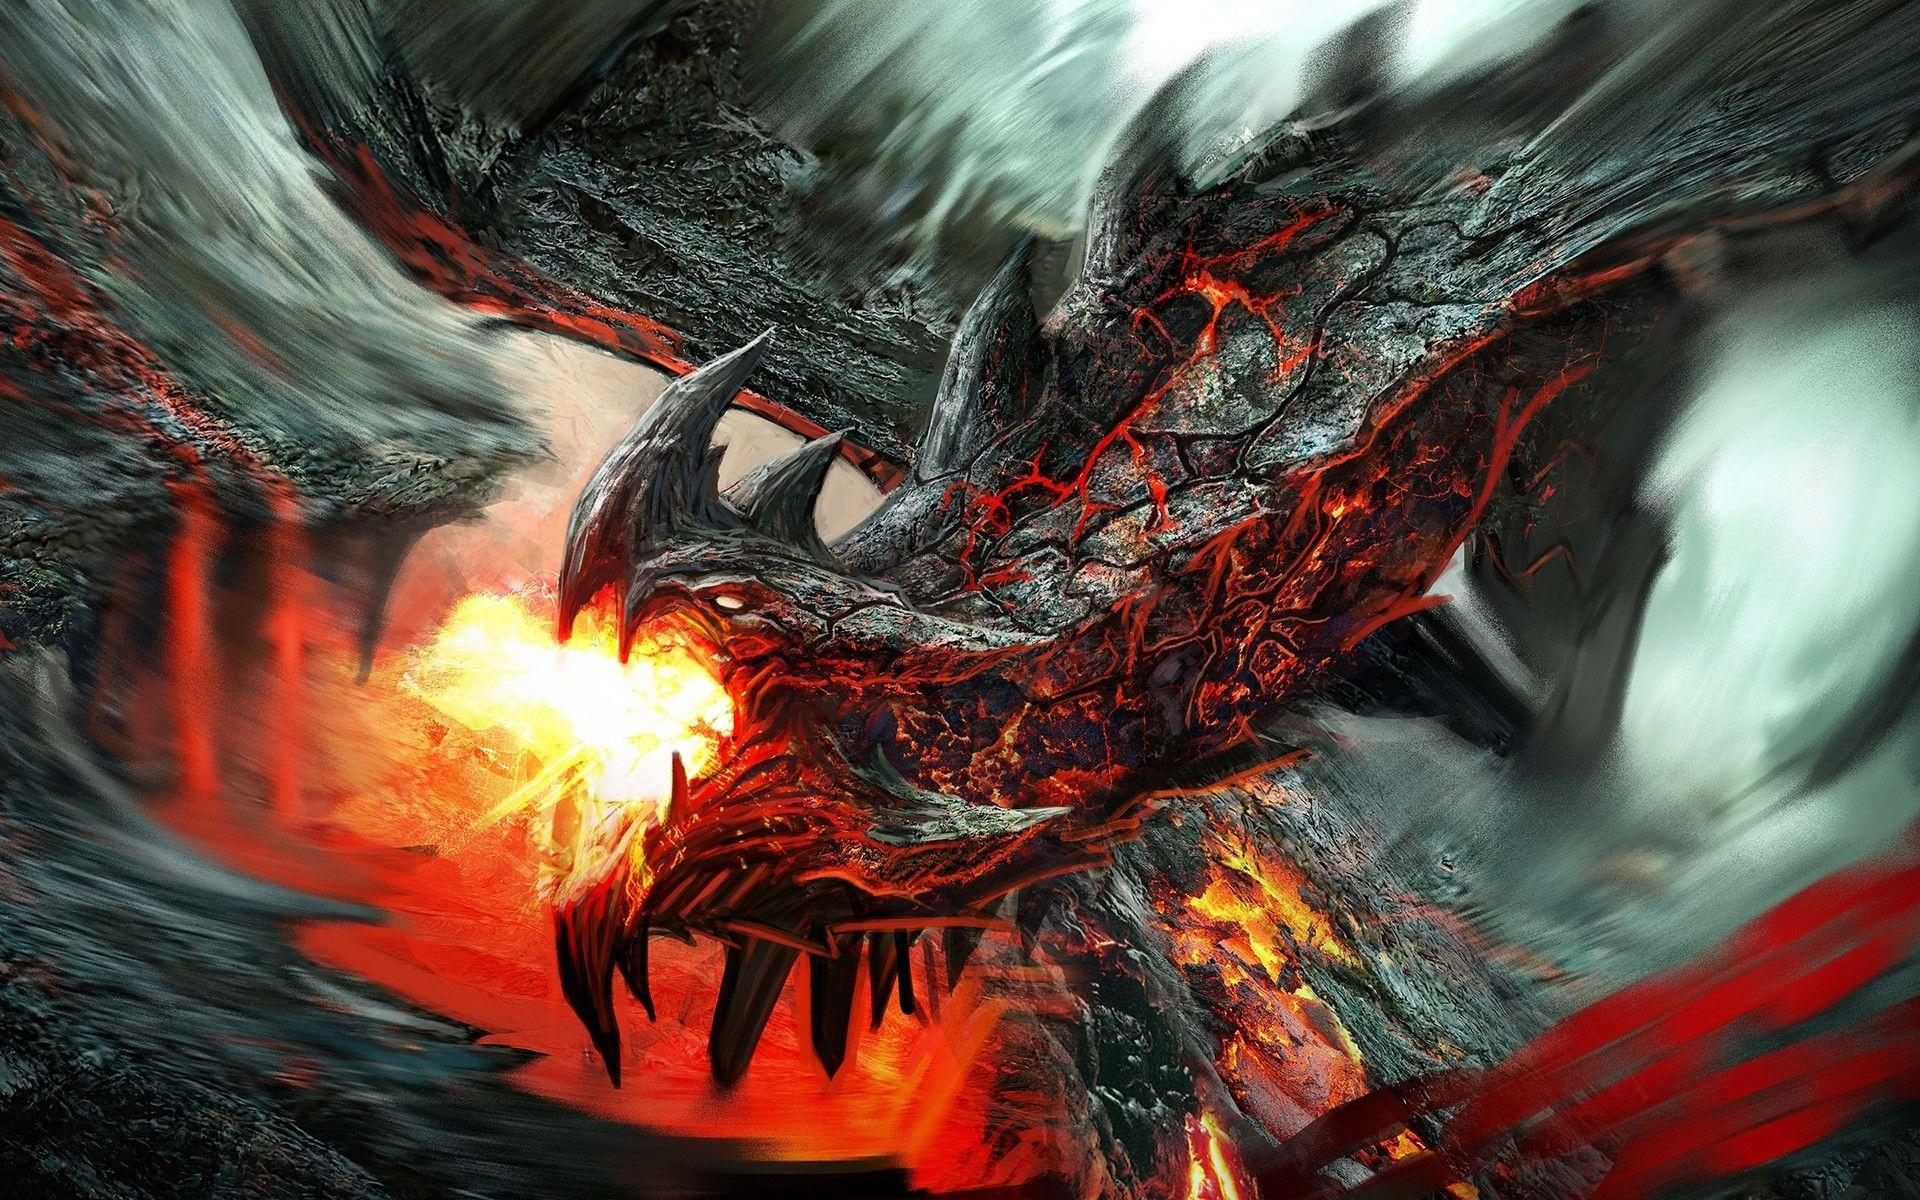 fire-breathing dragon | fire breathing lava dragon hd wallpaper